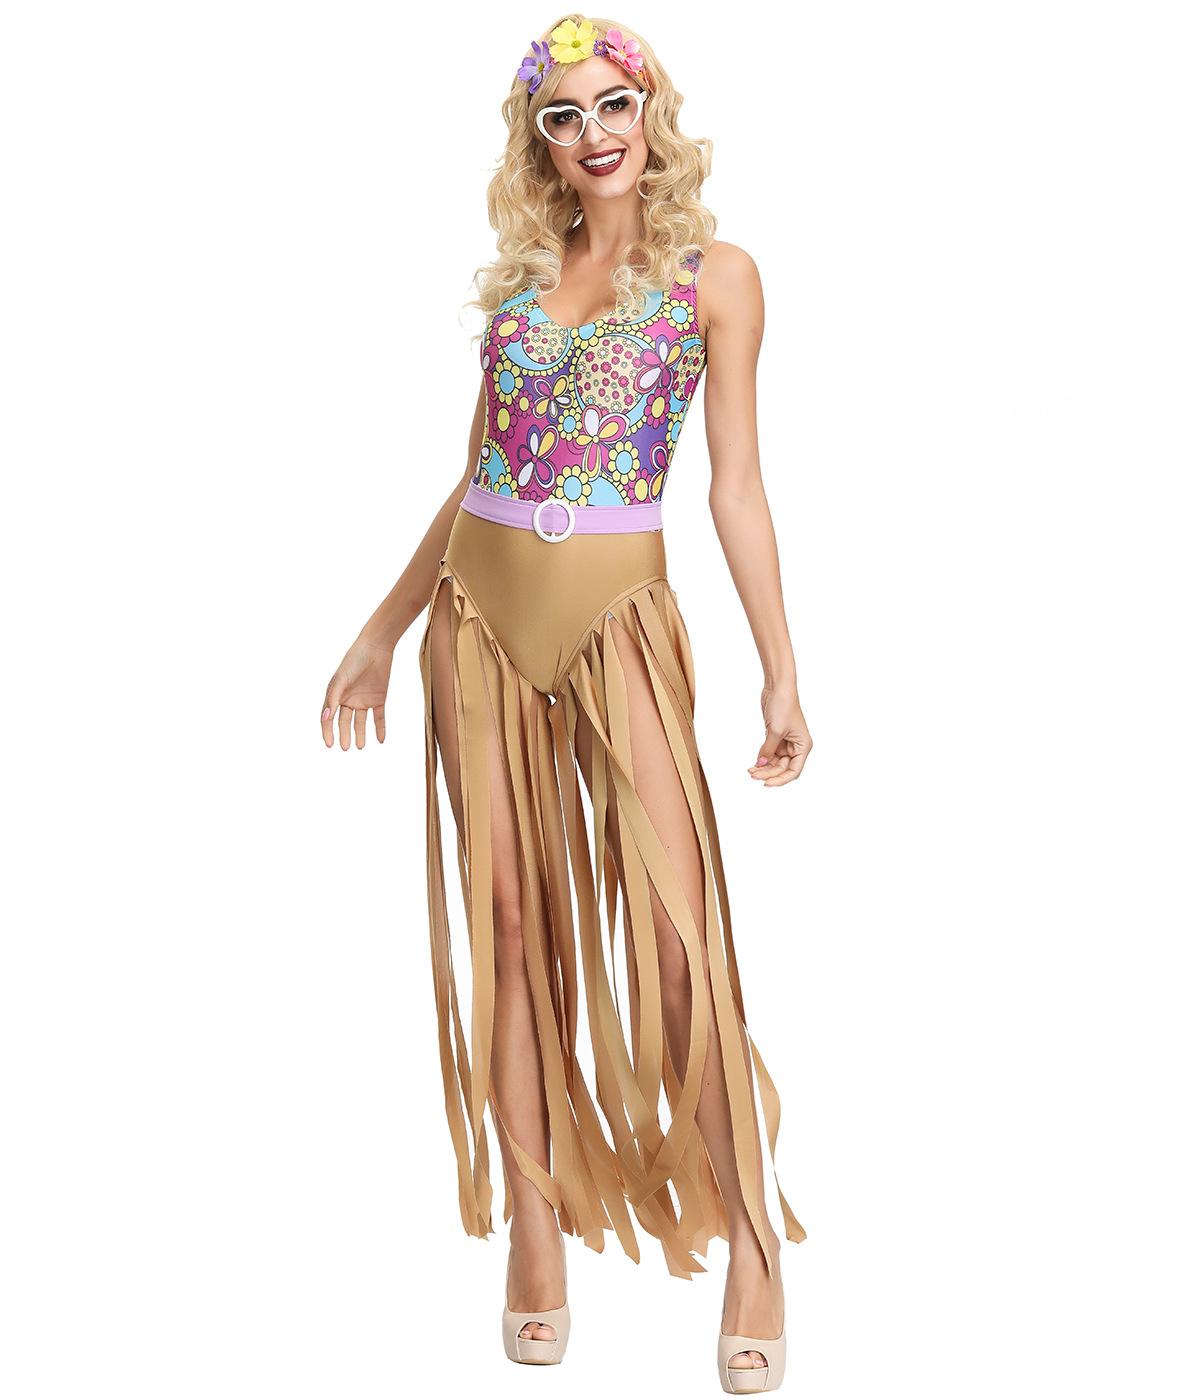 复古70年代欧美迪斯科嬉皮士hippiecostume舞会表演万圣节服装女